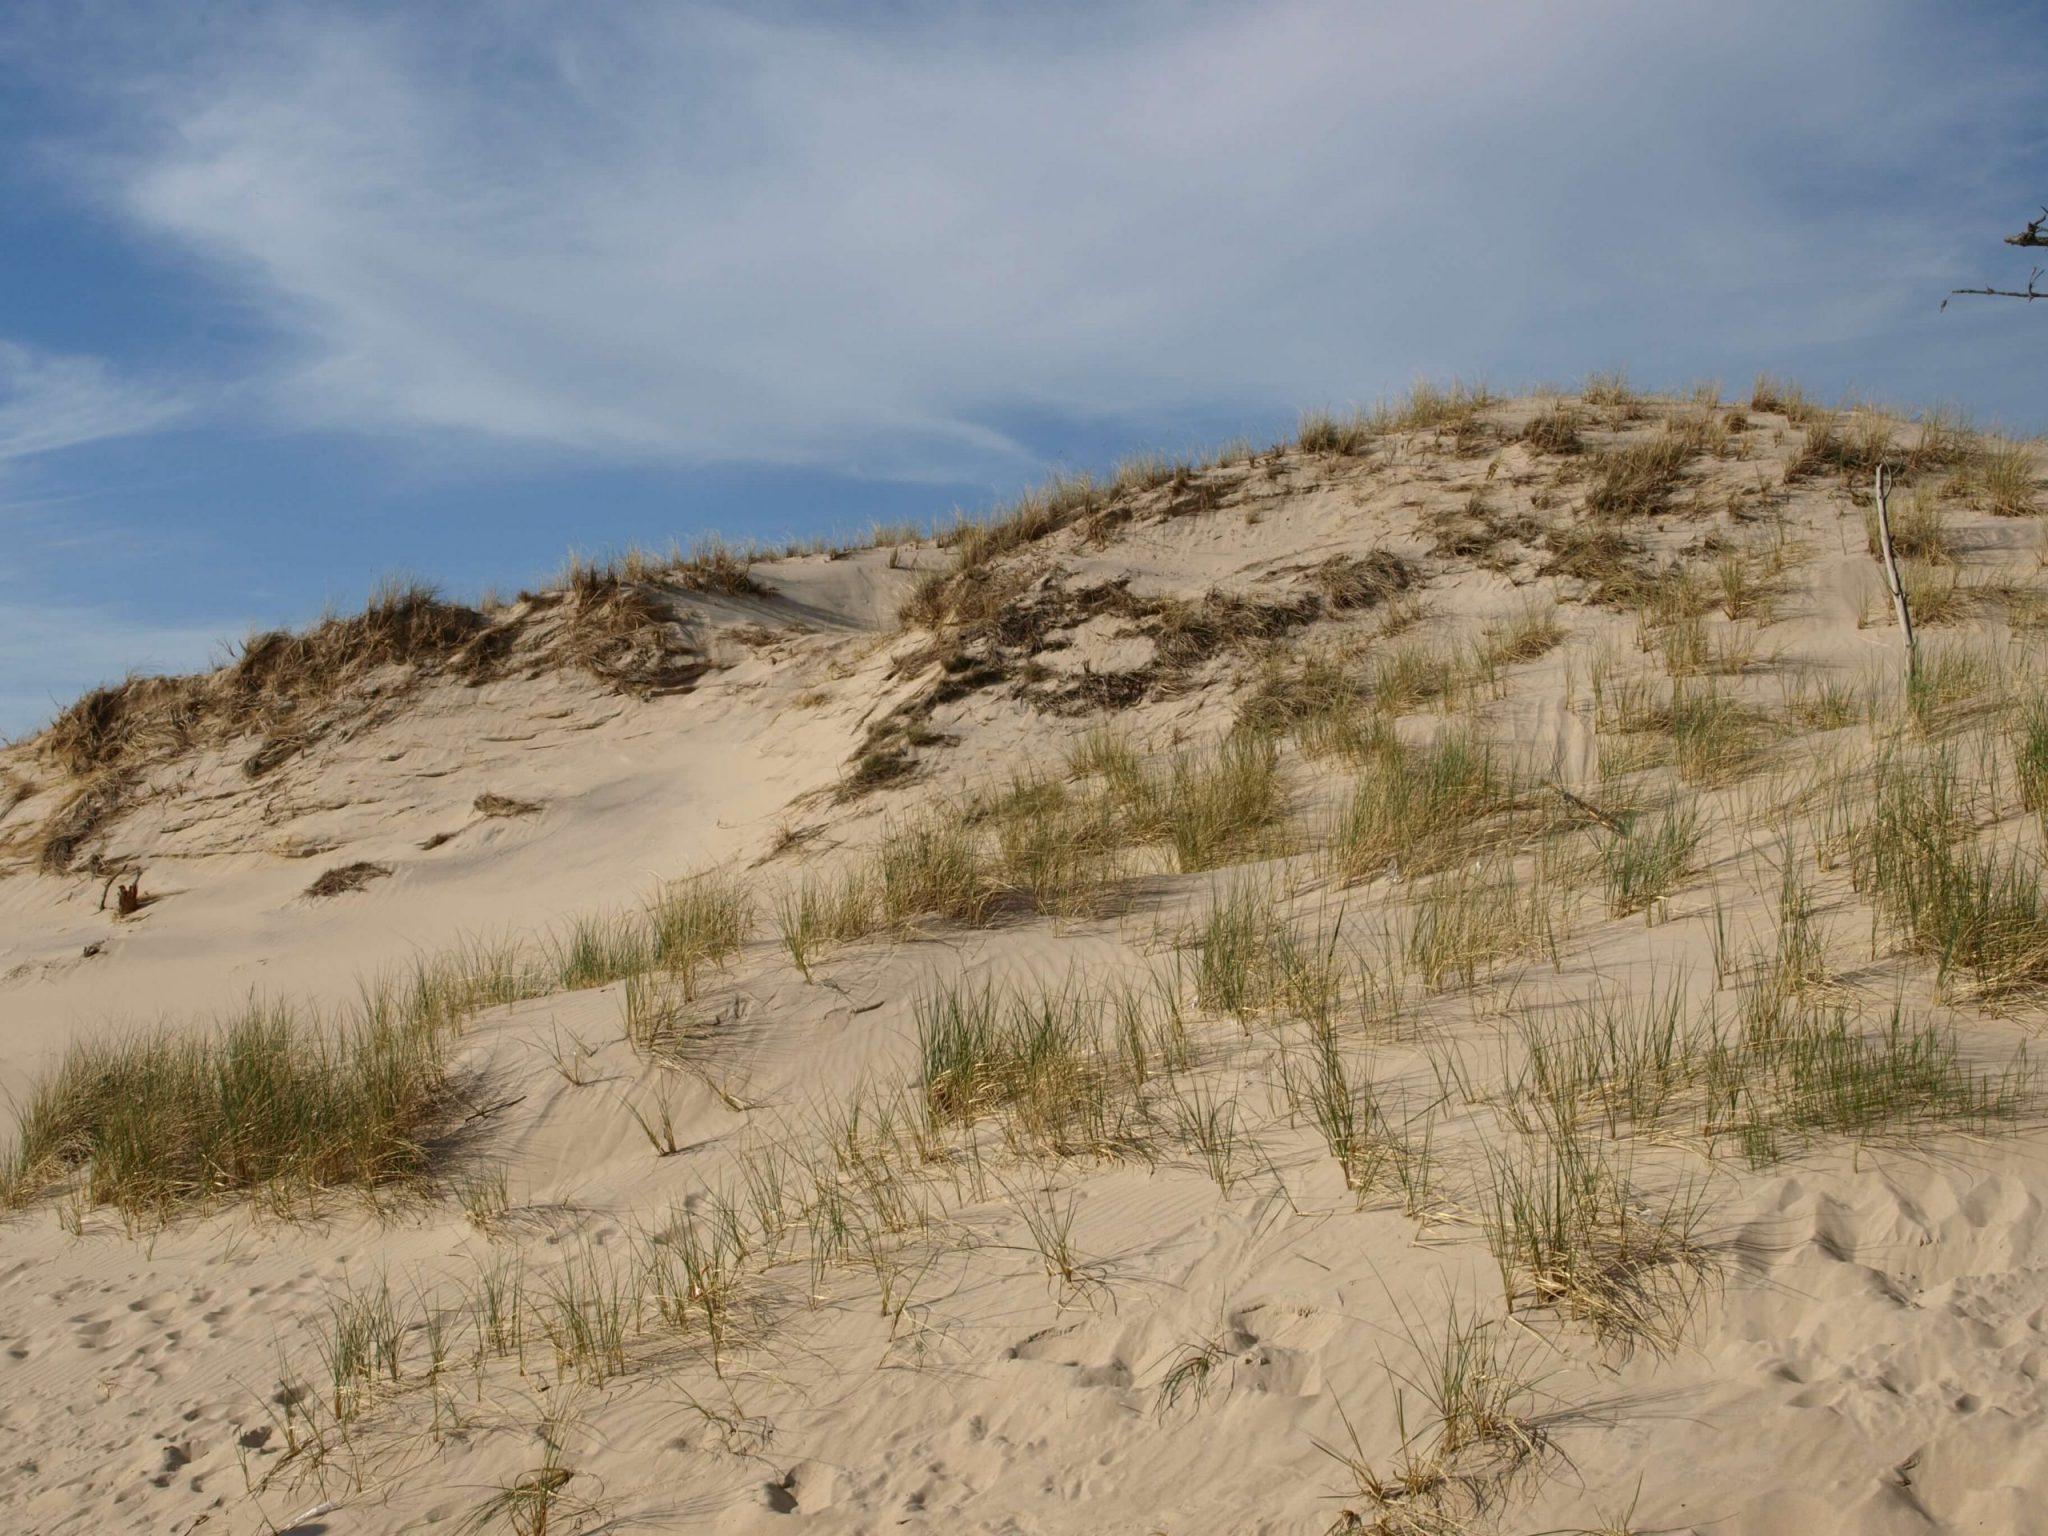 szlaki turystyczne SPN 4 scaled - Masz ochotę na spacer? Wybierz jeden z pomorskich szlaków turystycznych